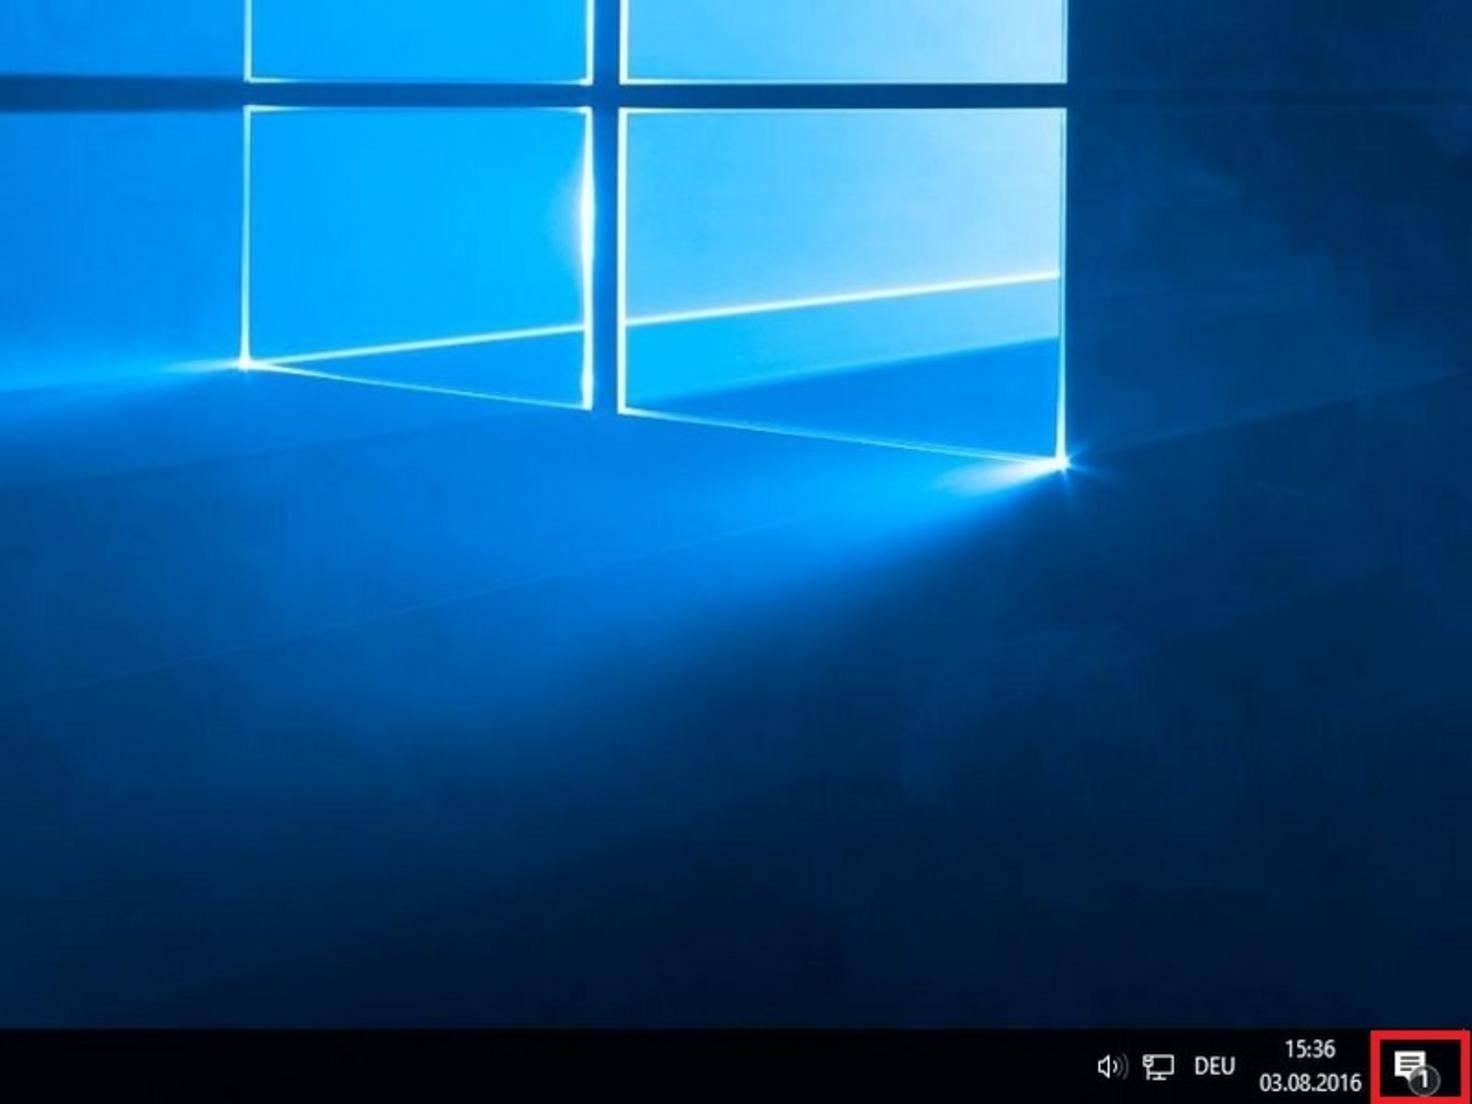 Anniversary_Windows10_02